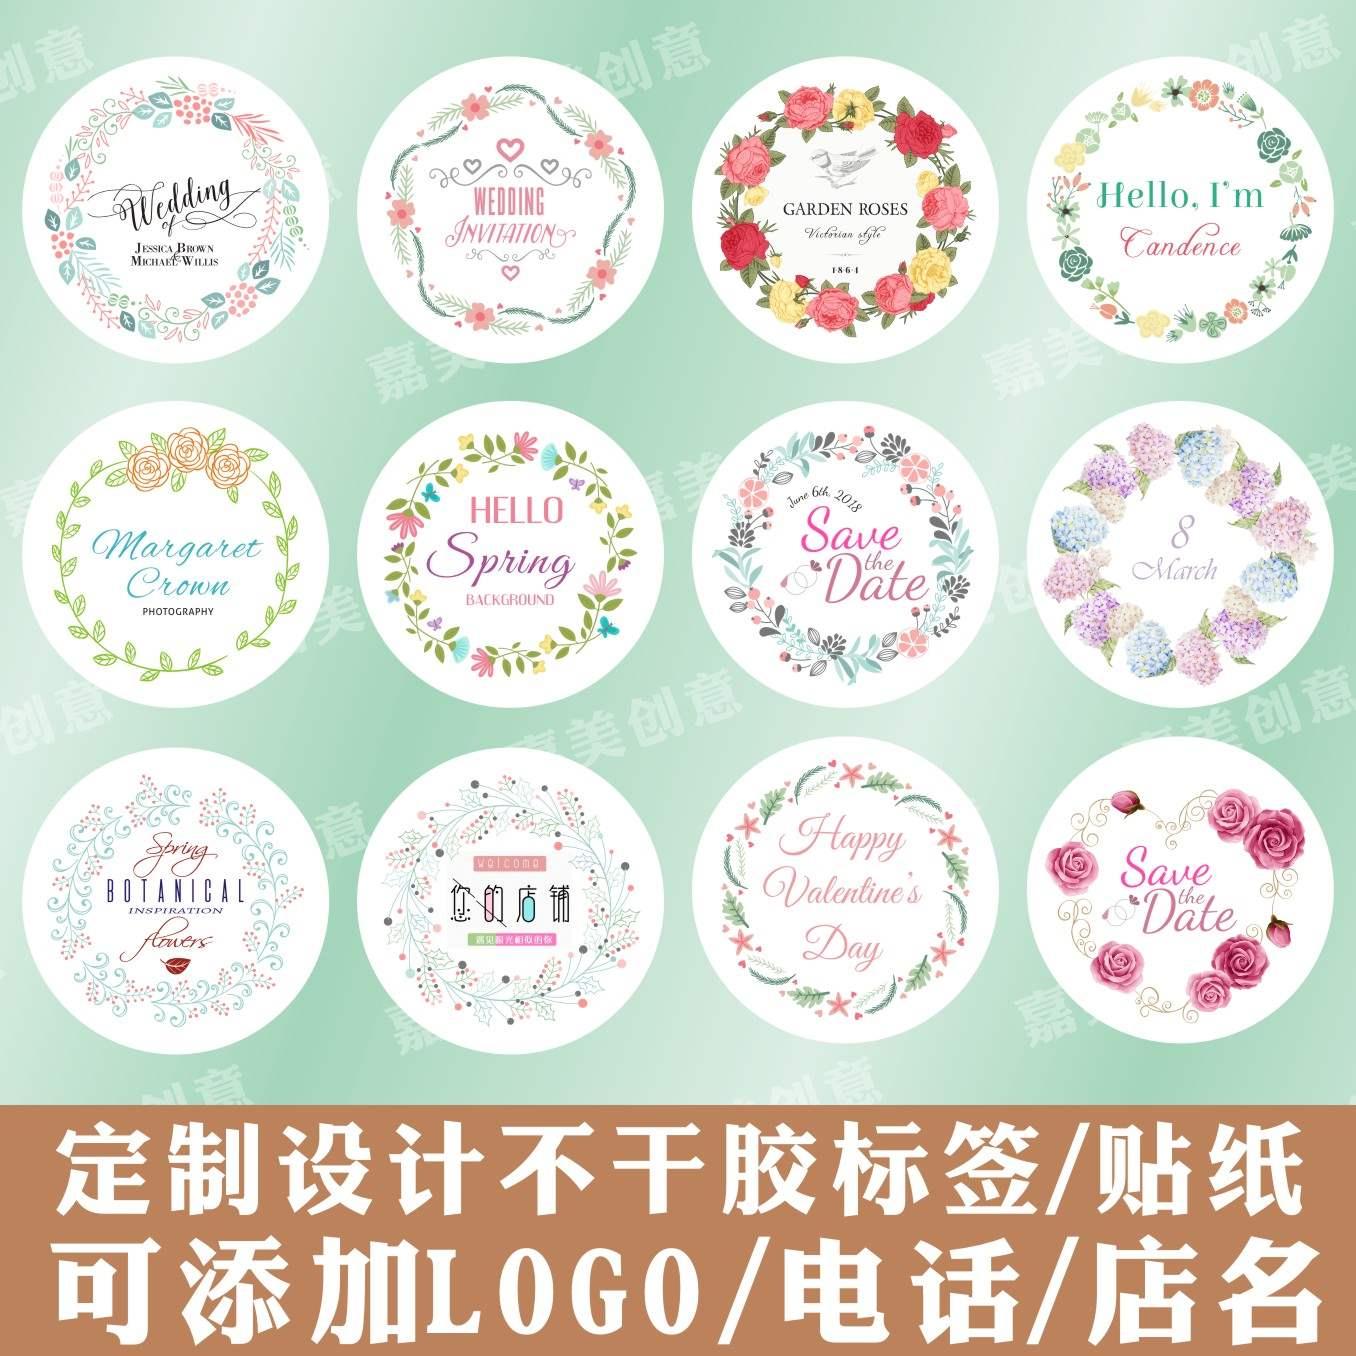 定制设计不干胶标签透明二维码圆形花环花店婚礼烘焙蛋糕logo贴纸